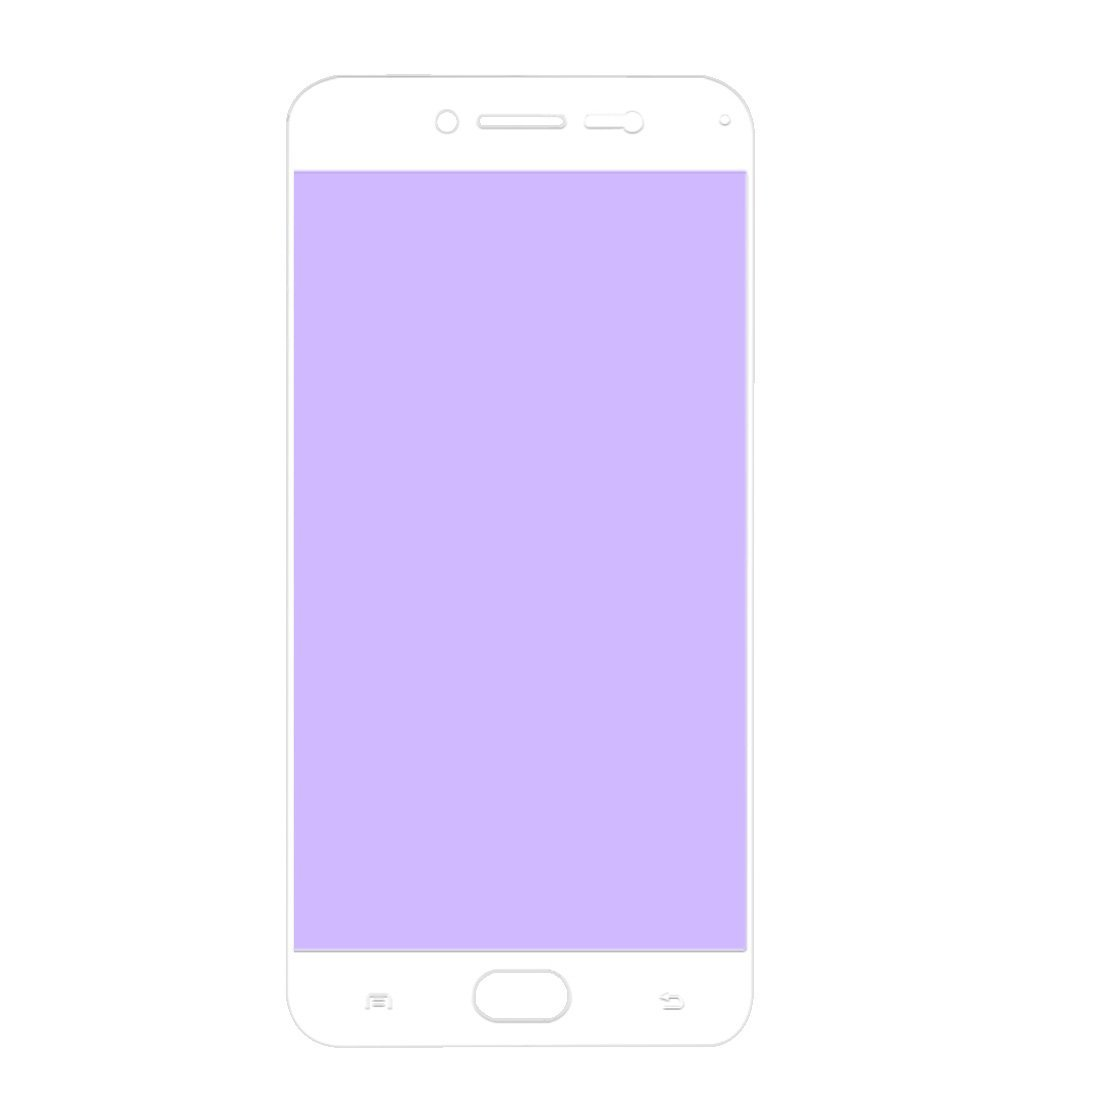 ShineMind Shō kính chống đạn. sợi carbon chống Violet màu xanh bao phủ nổ cả điện thoại di động màng